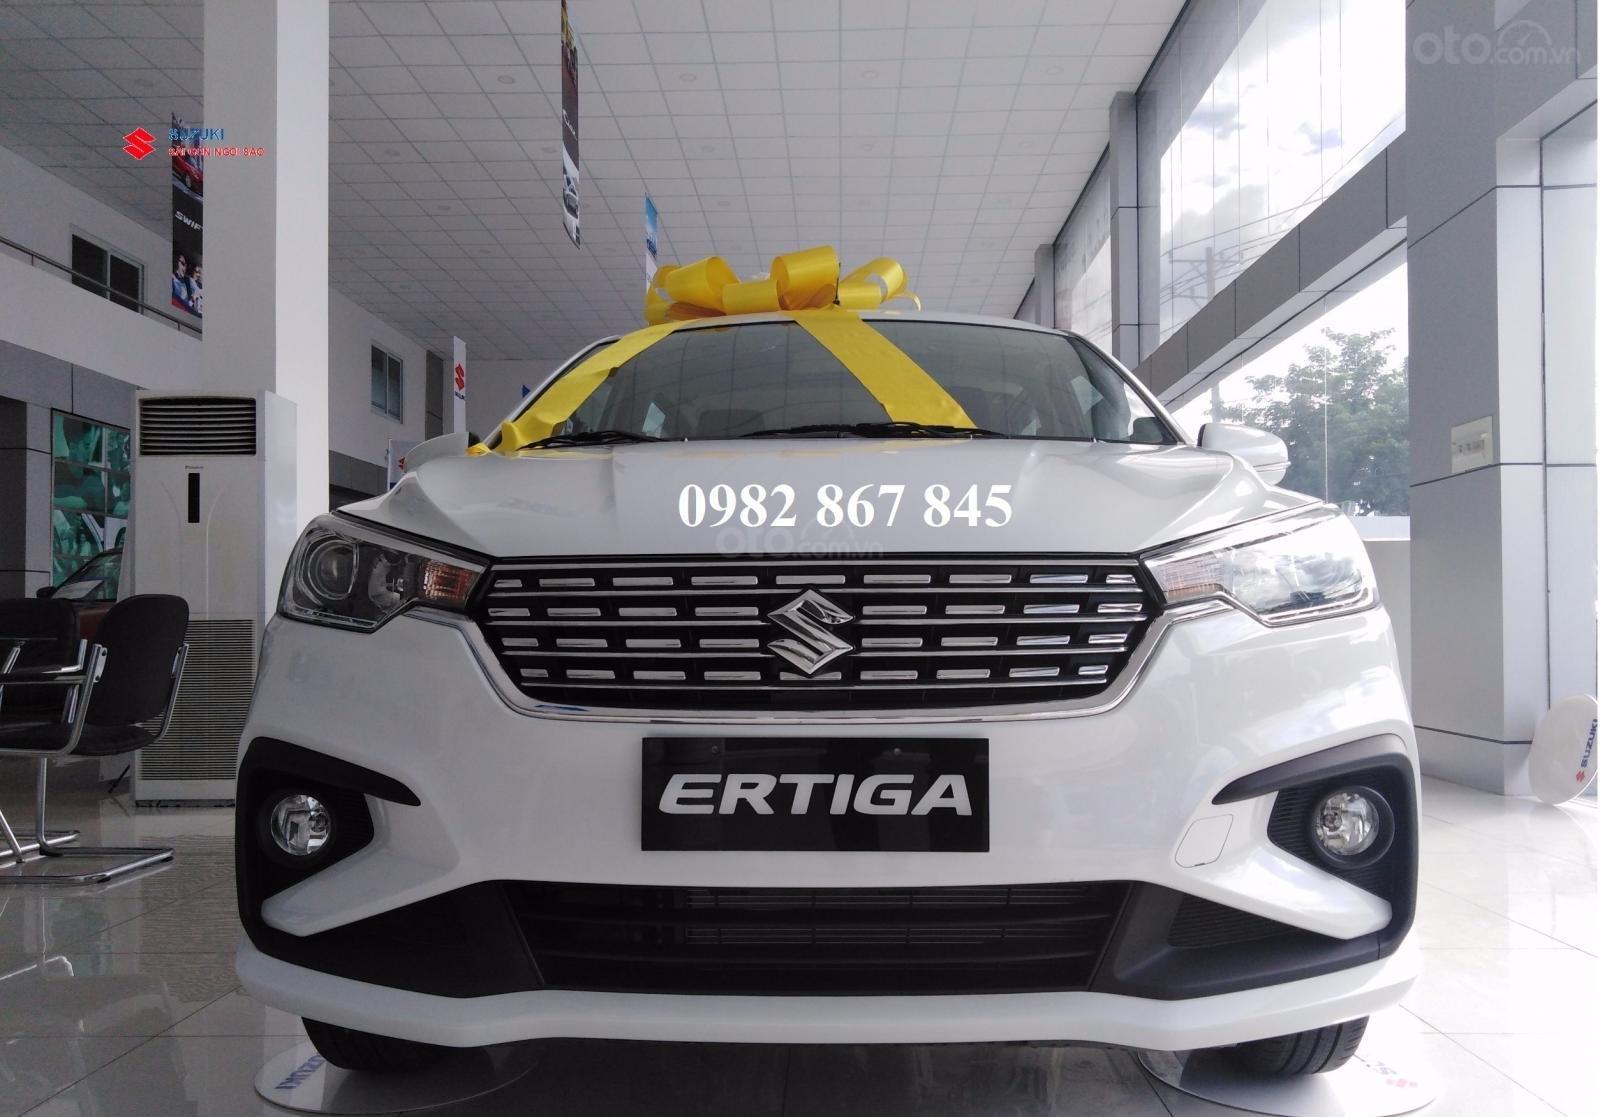 Bán Suzuki Ertiga 2019, hỗ trợ trả góp, giao ngay (2)